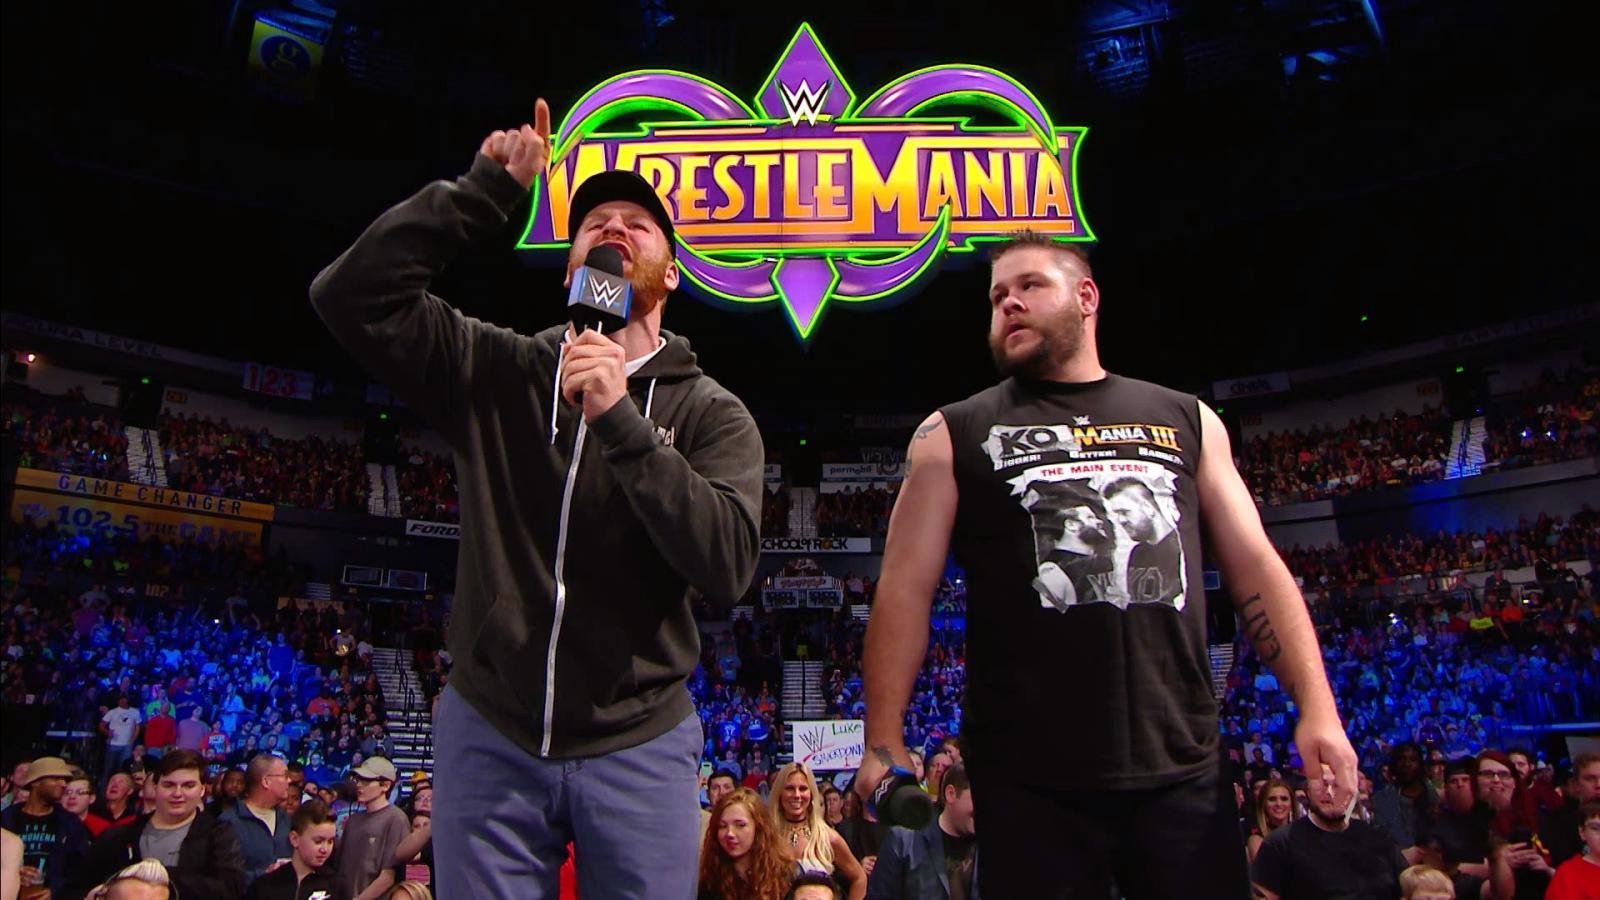 WWE SMACKDOWN रिजल्ट्स 4 अप्रैल 2018: ये रहे मैचो के रिजल्ट्स 16